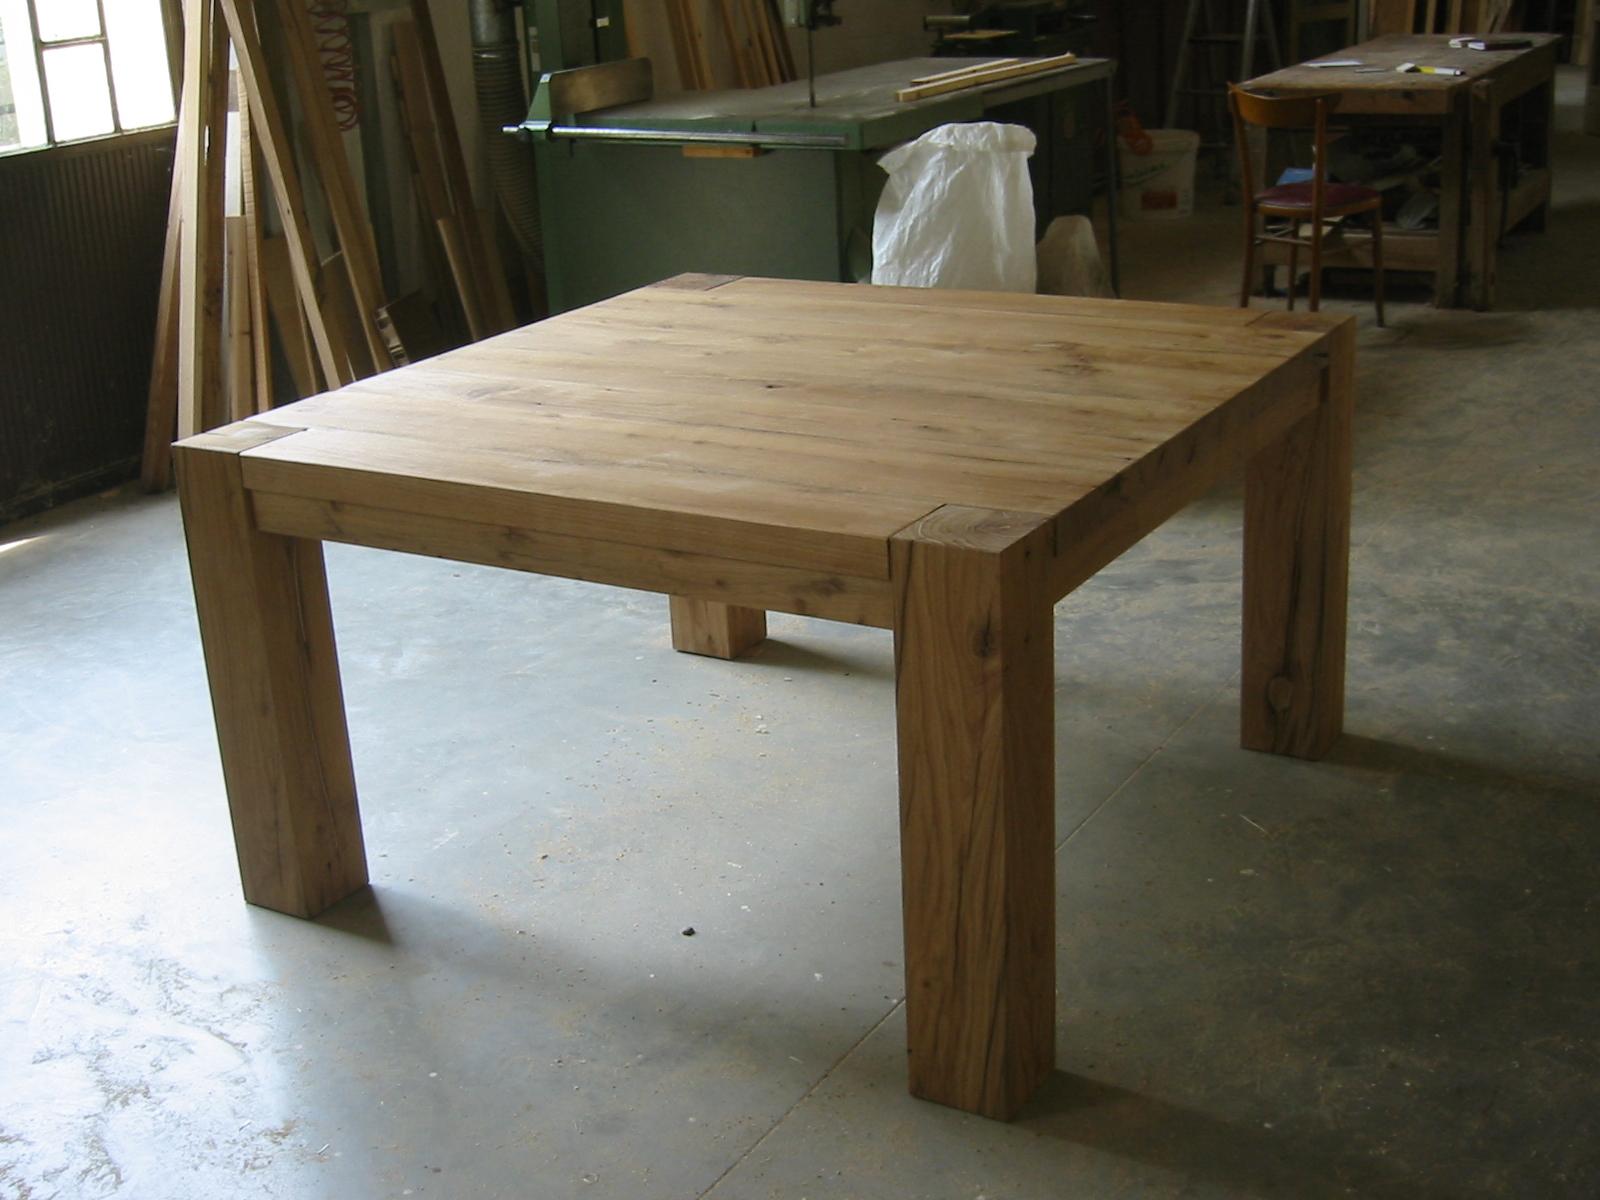 Sedie e tavoli in legno falegnameria samuelli dello for Tavolo cucina e sedie